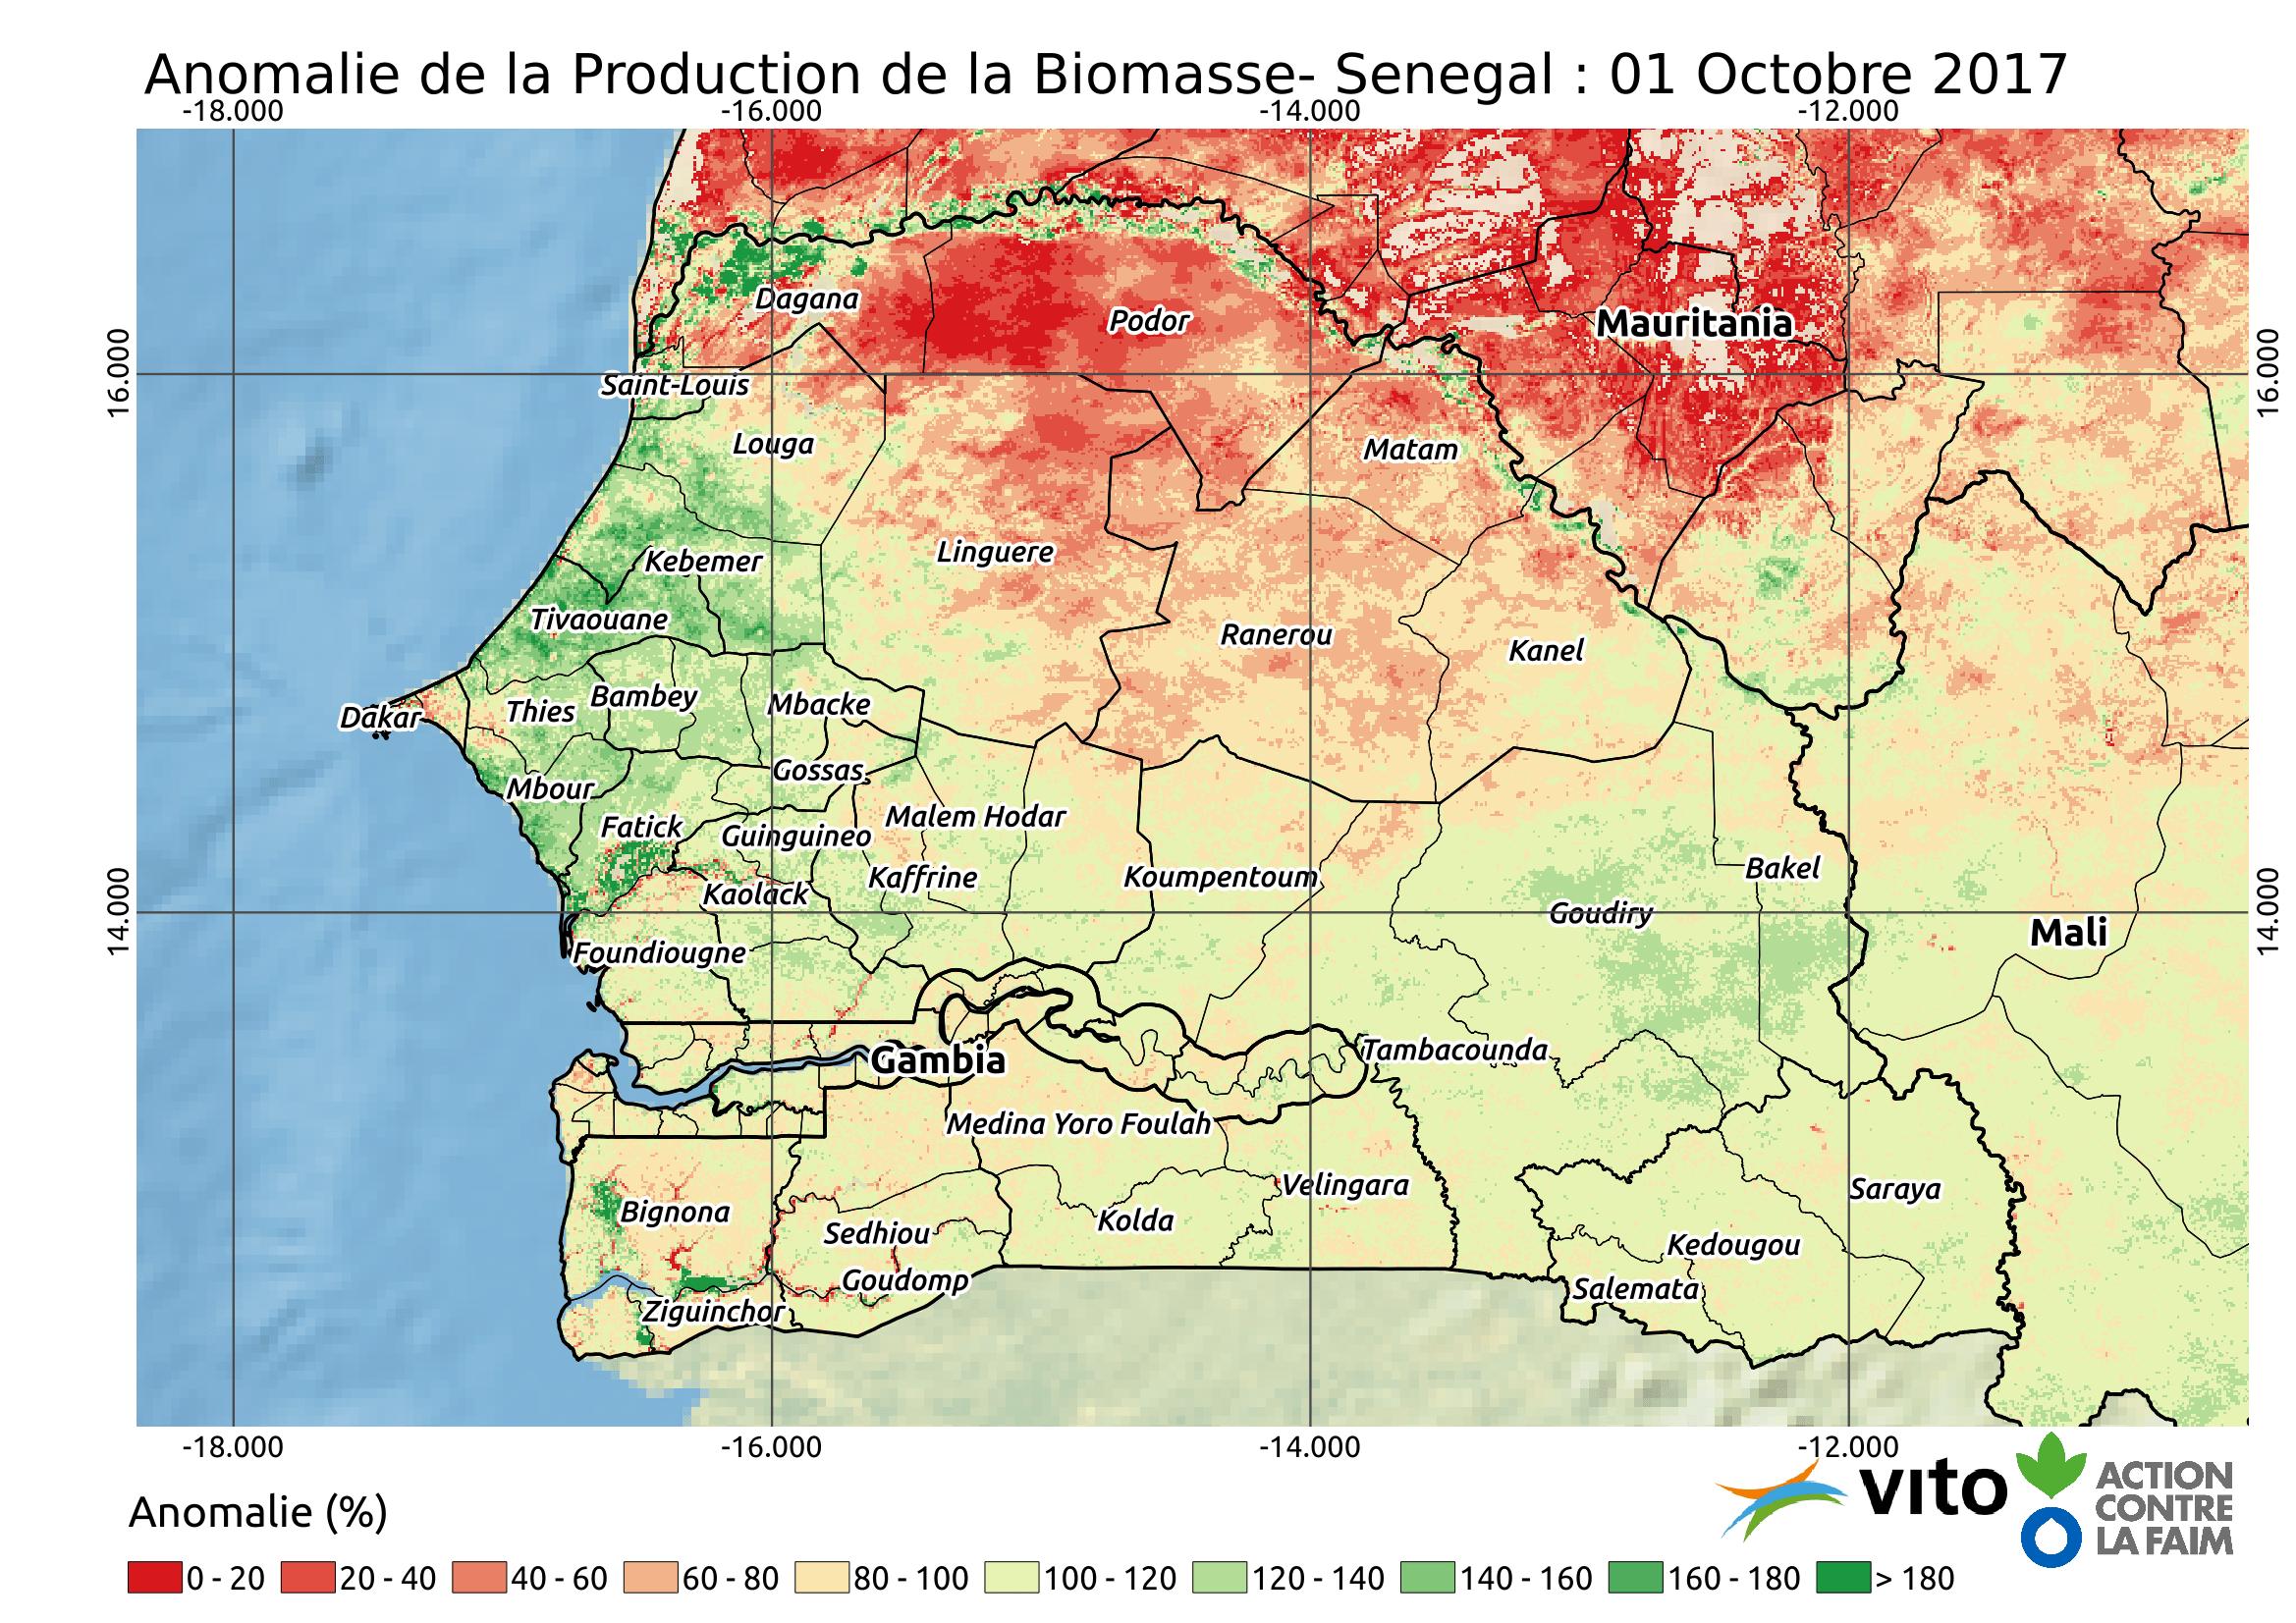 Anomalie Senegal 2017